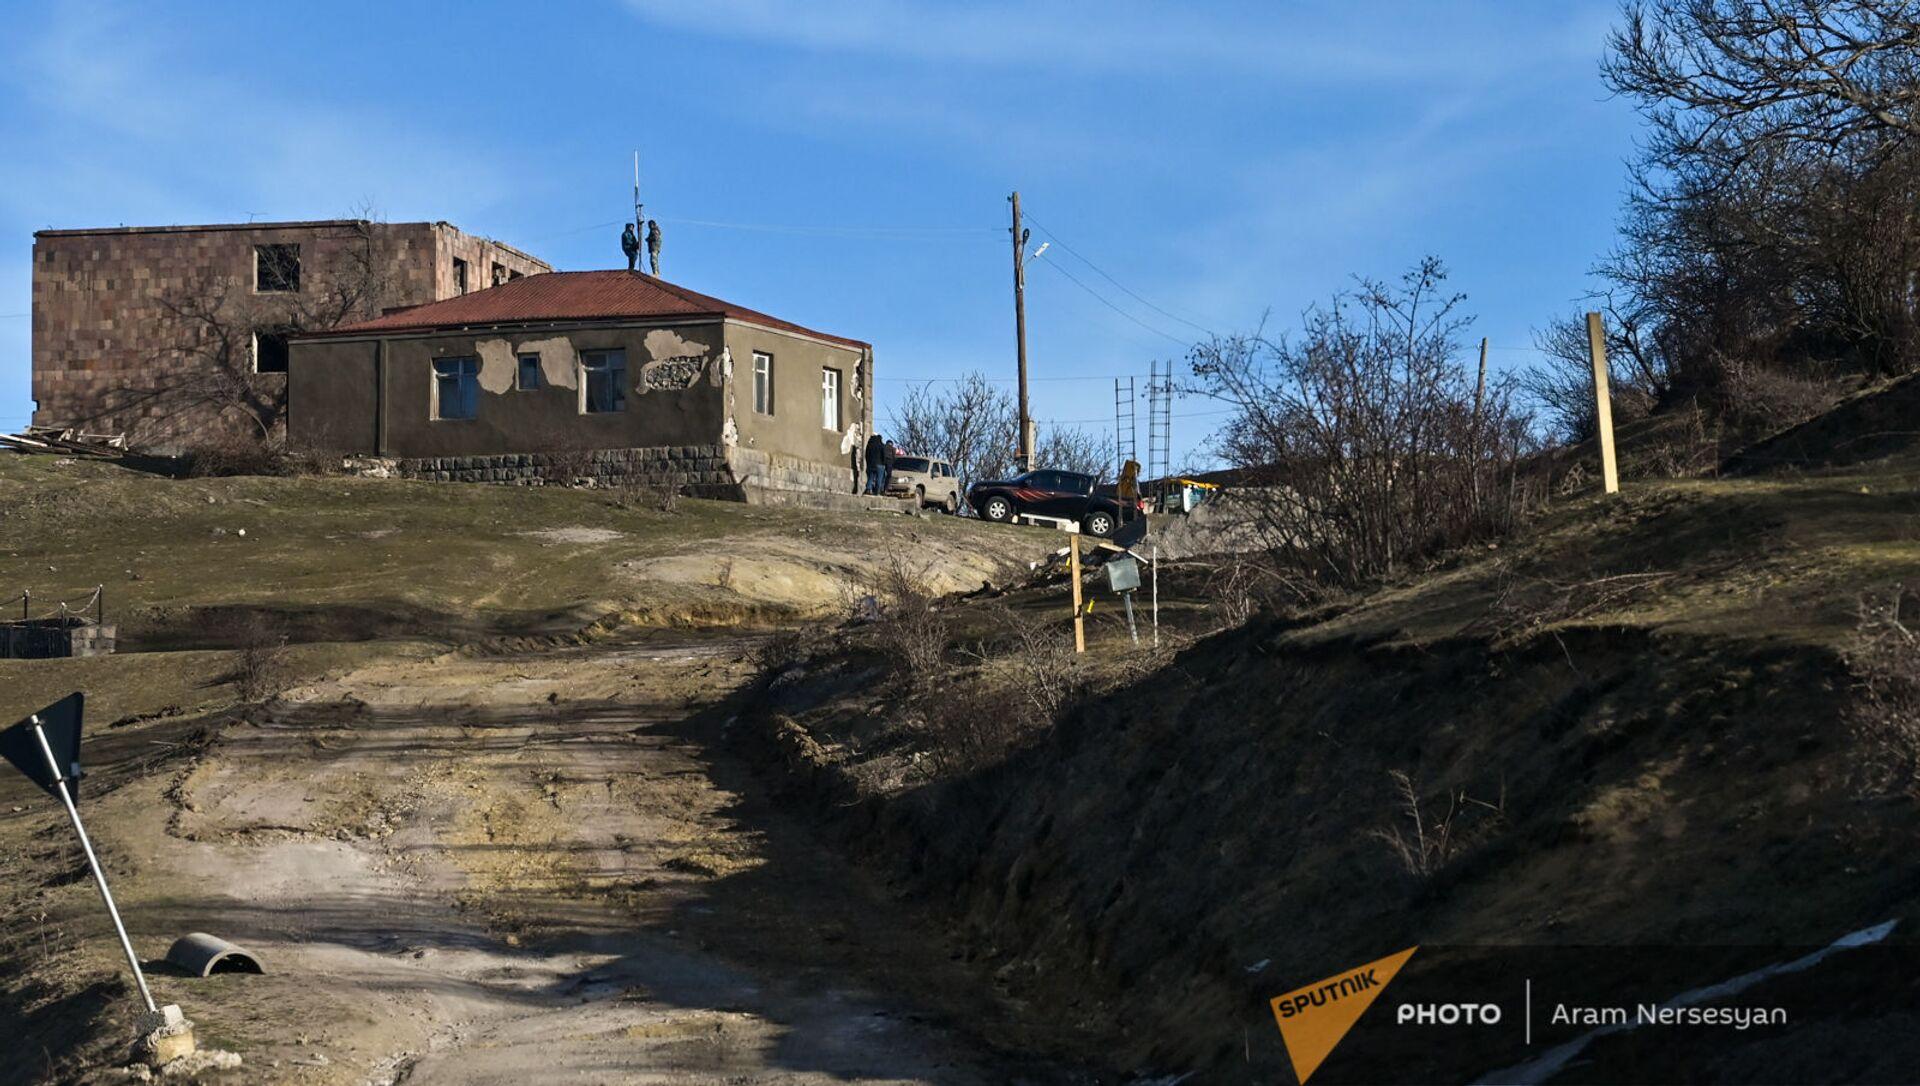 Жители села Шурнух Сюникской области устанавливают антенну на крыше дома - Sputnik Армения, 1920, 15.02.2021